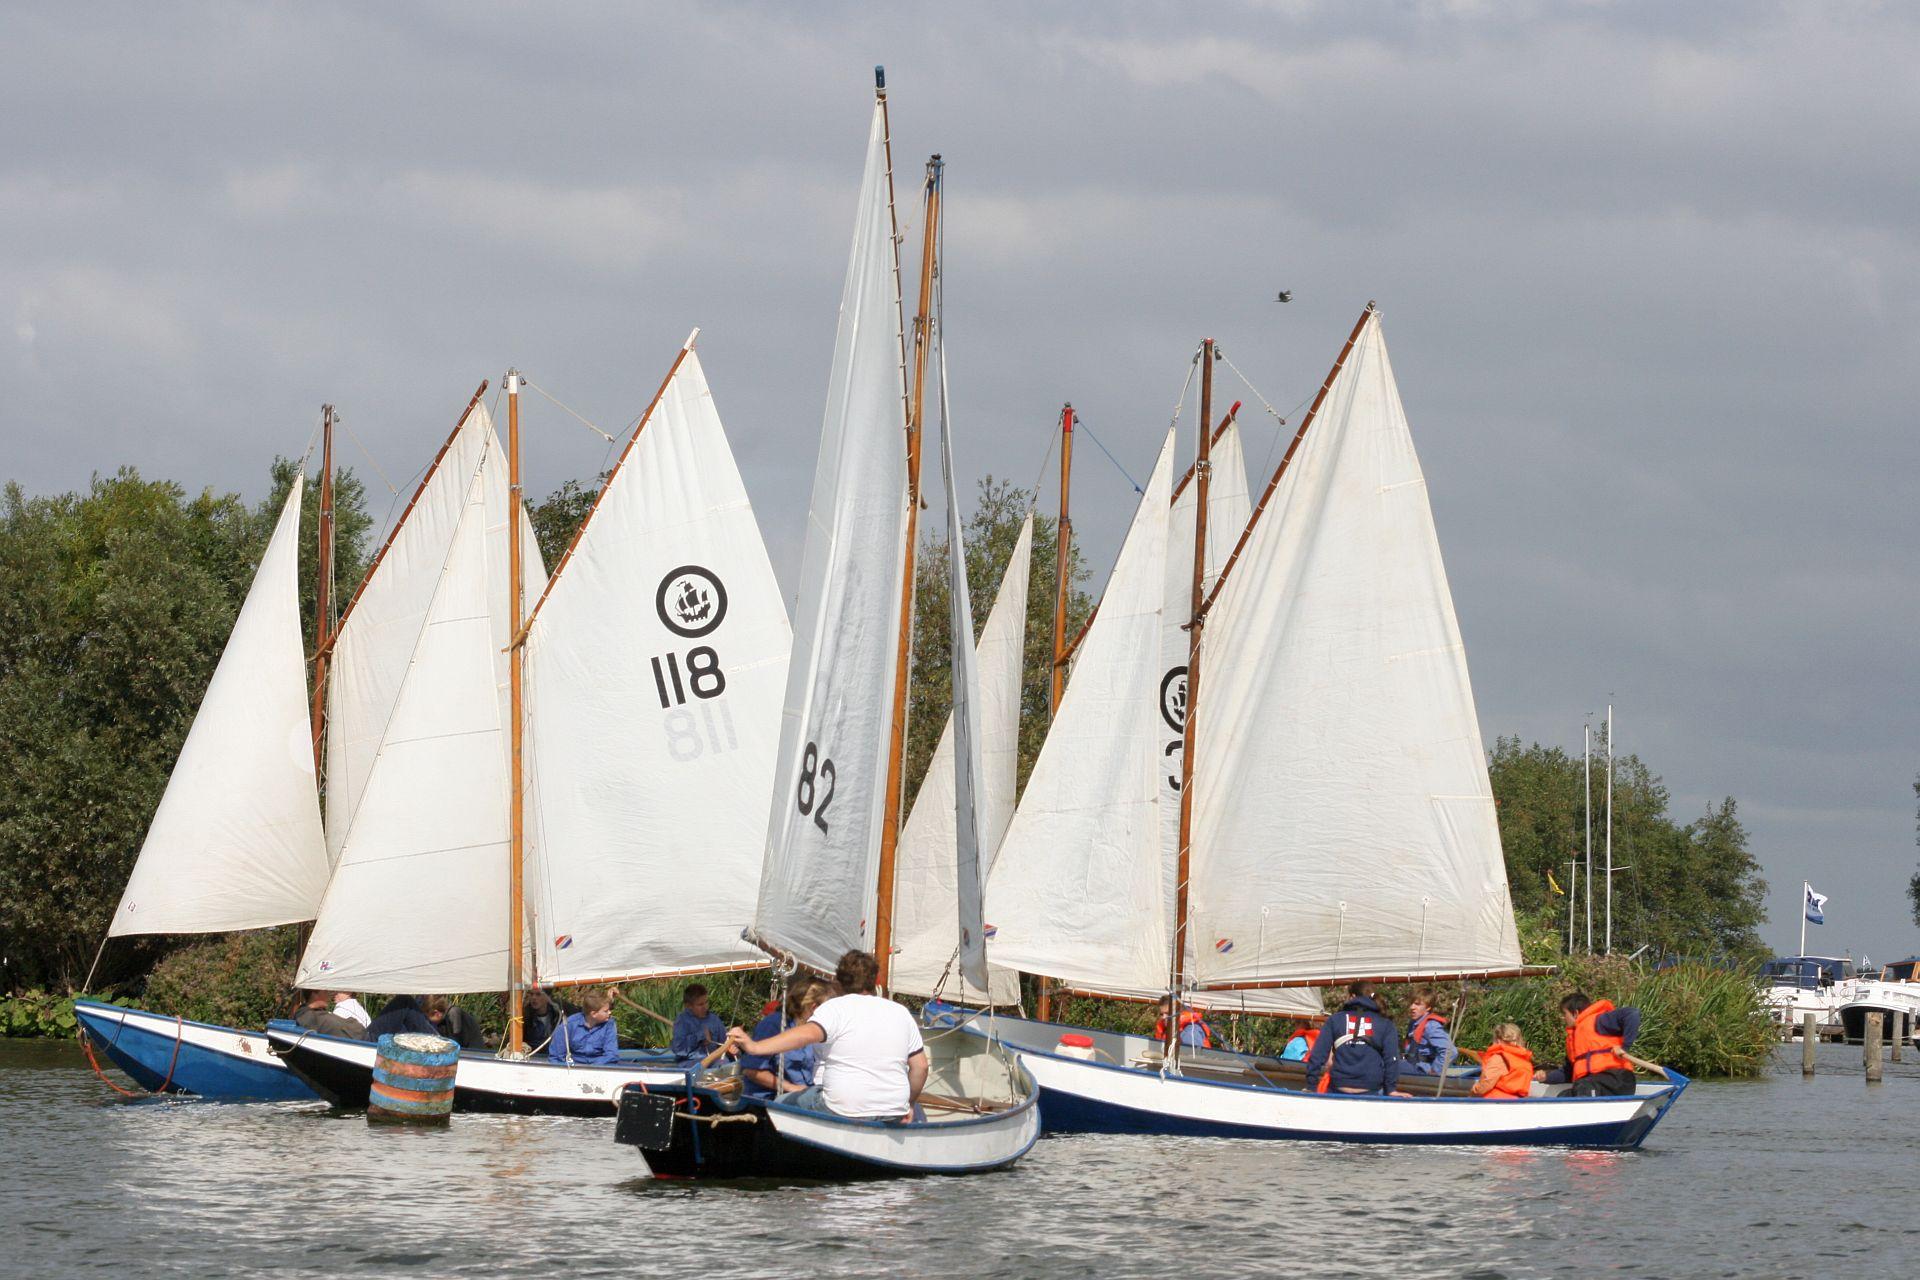 Foppencup regatta